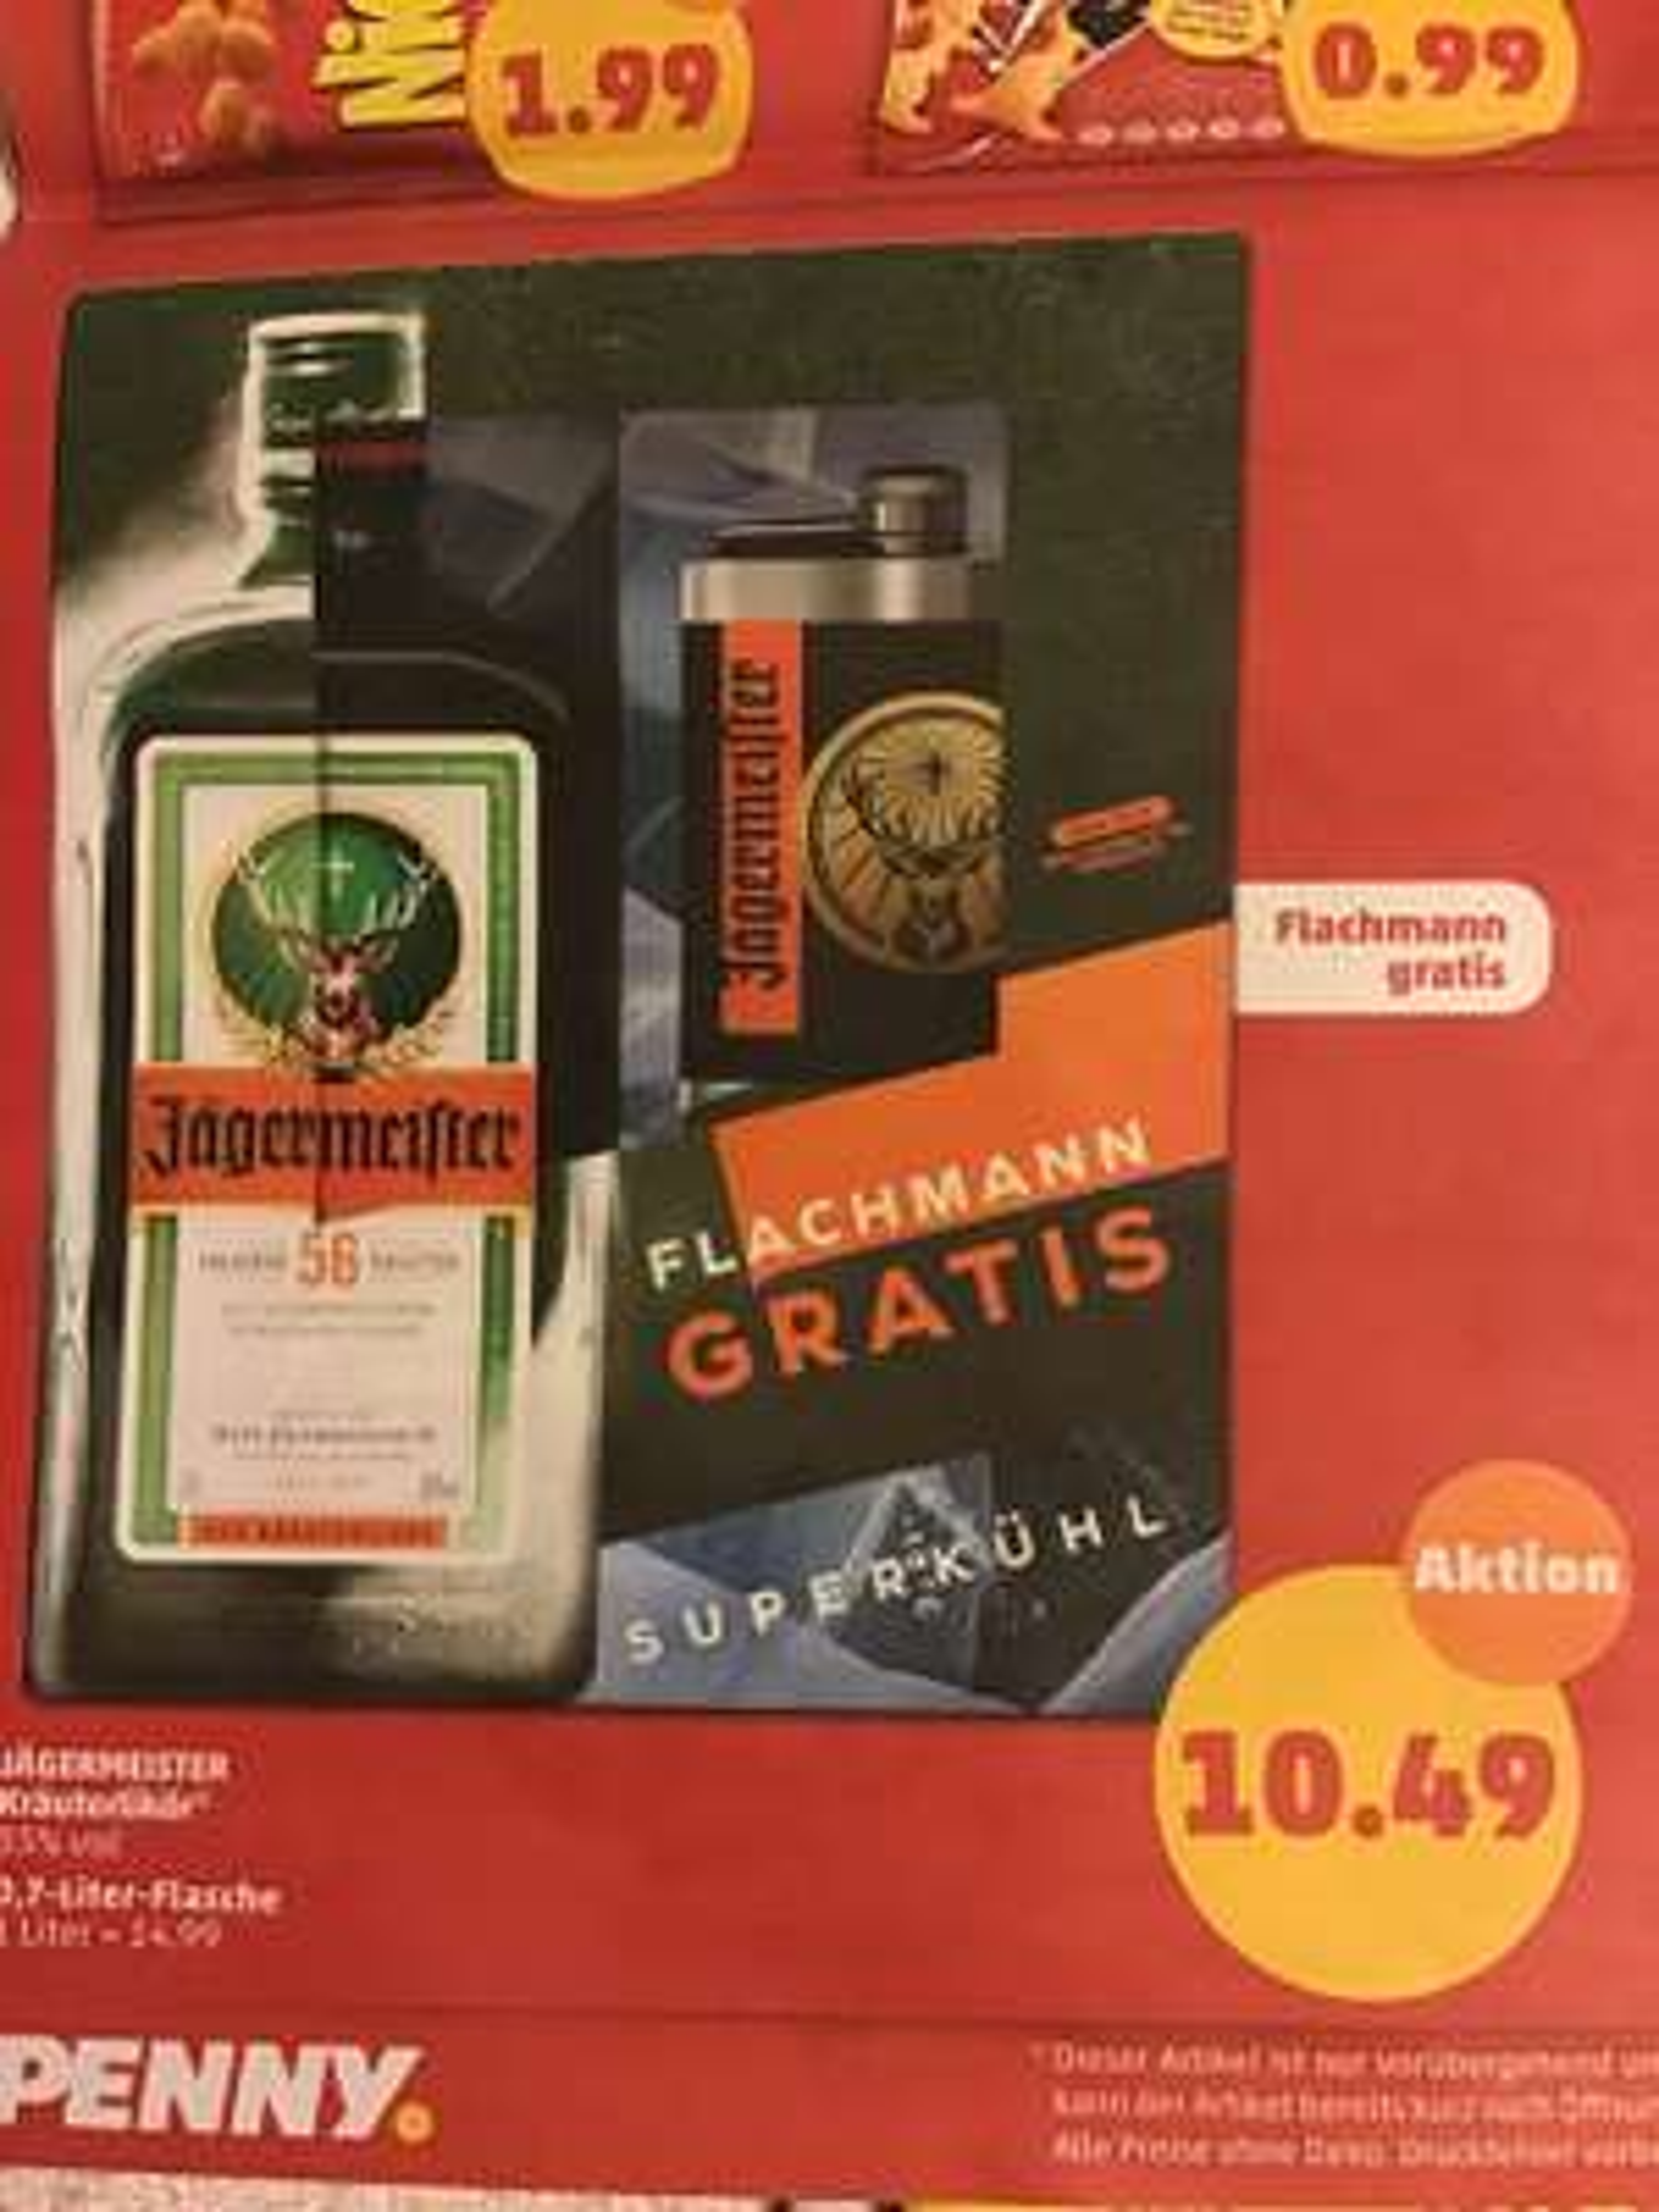 Jägermeister 0,7 liter Flasche +Flachmann (gratis)